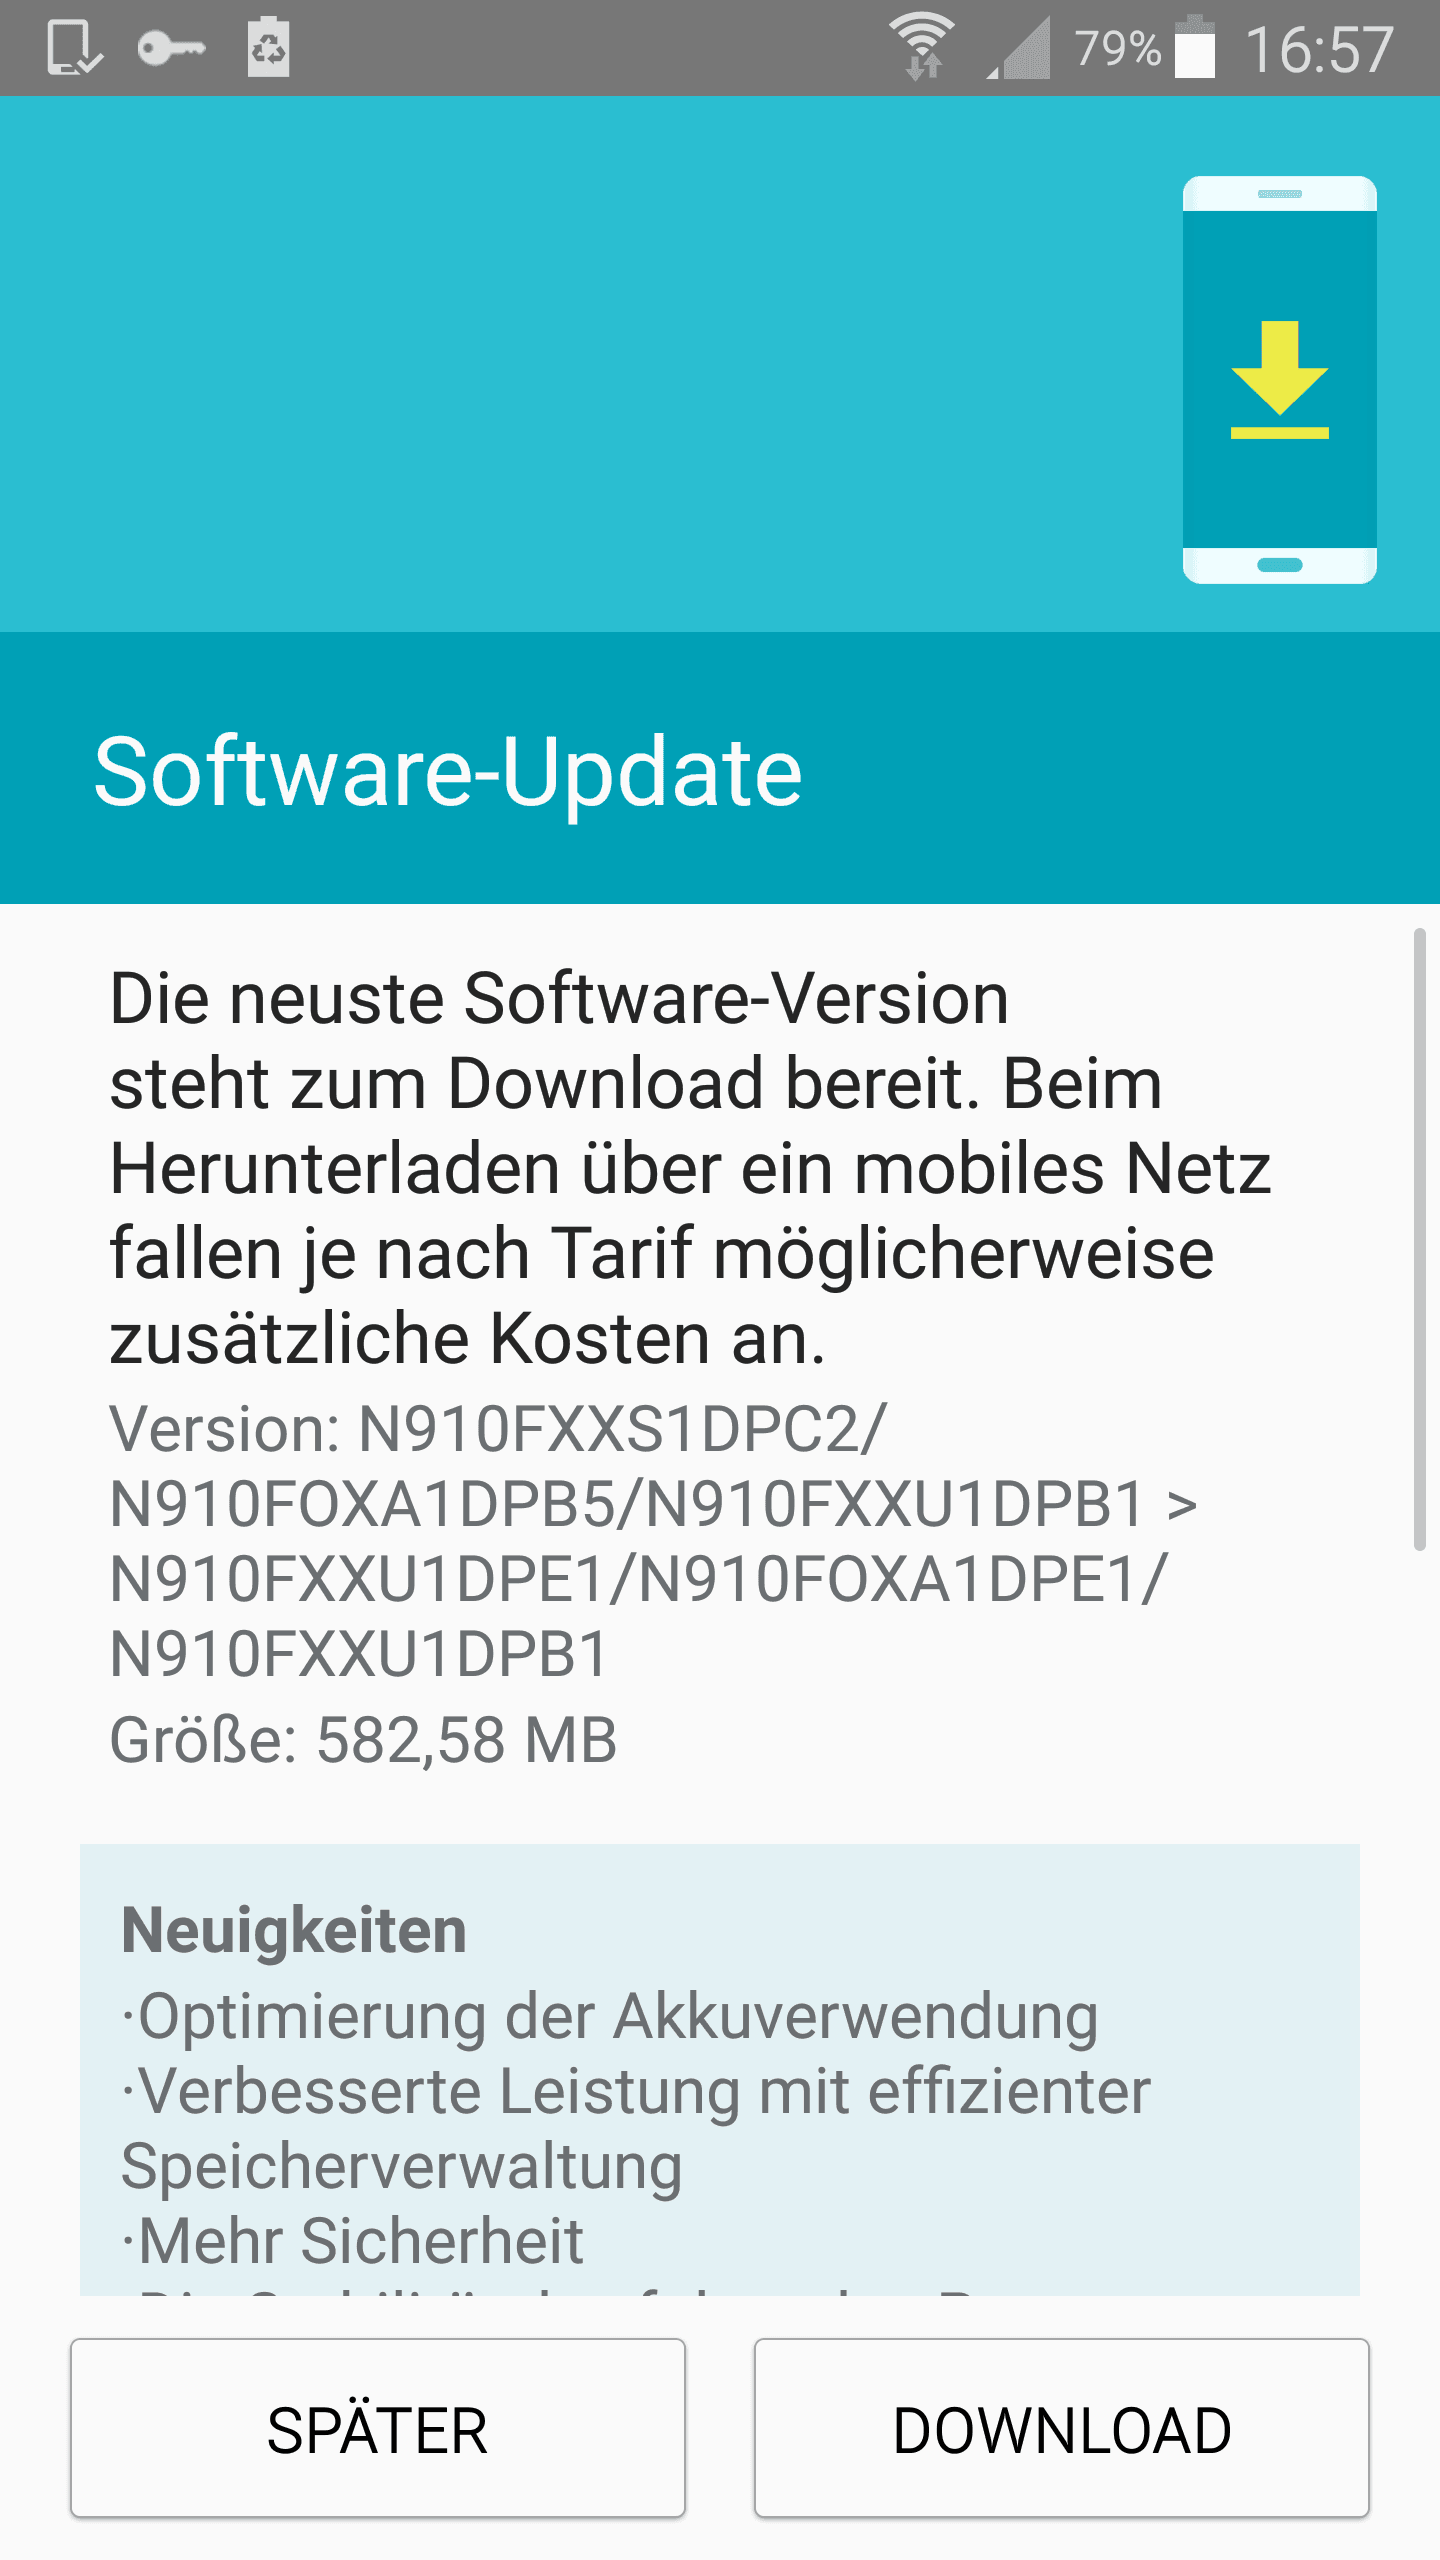 Samsung Galaxy Note 4 Android 6.0.1 Marshmallow Update in Deutschland & Österreich 2